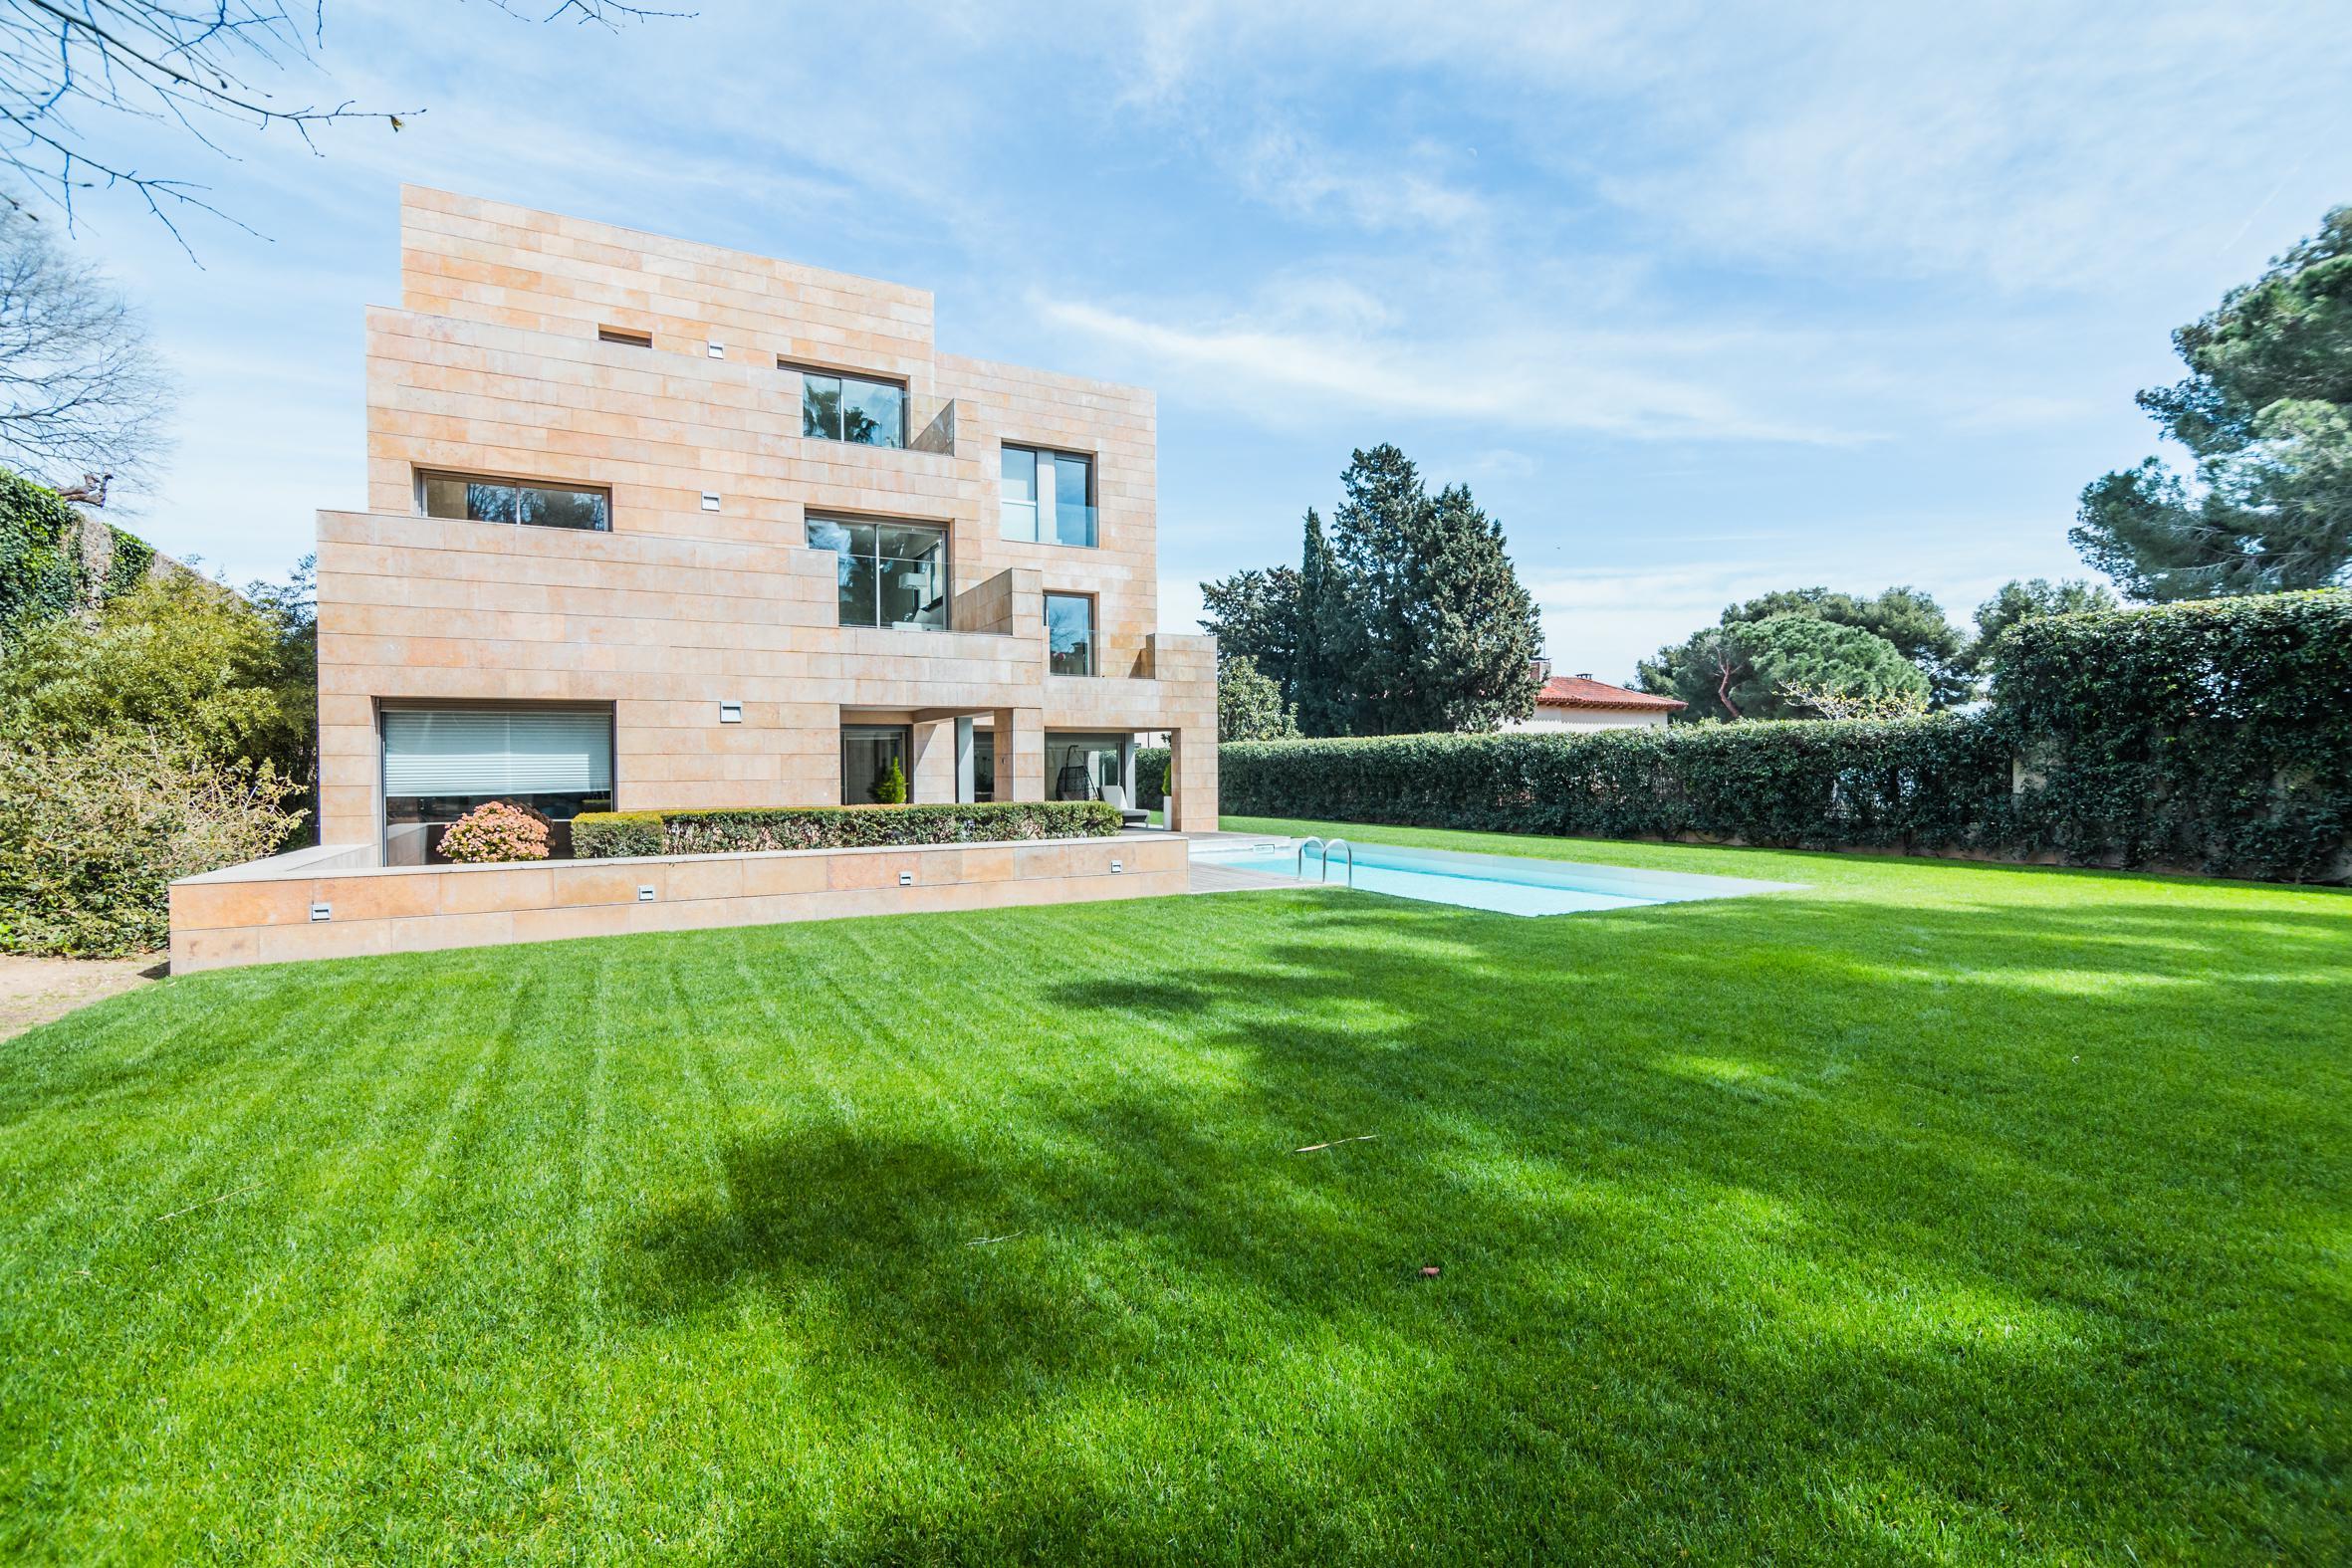 204447 Casa en venda en Les Corts, Pedralbes 22